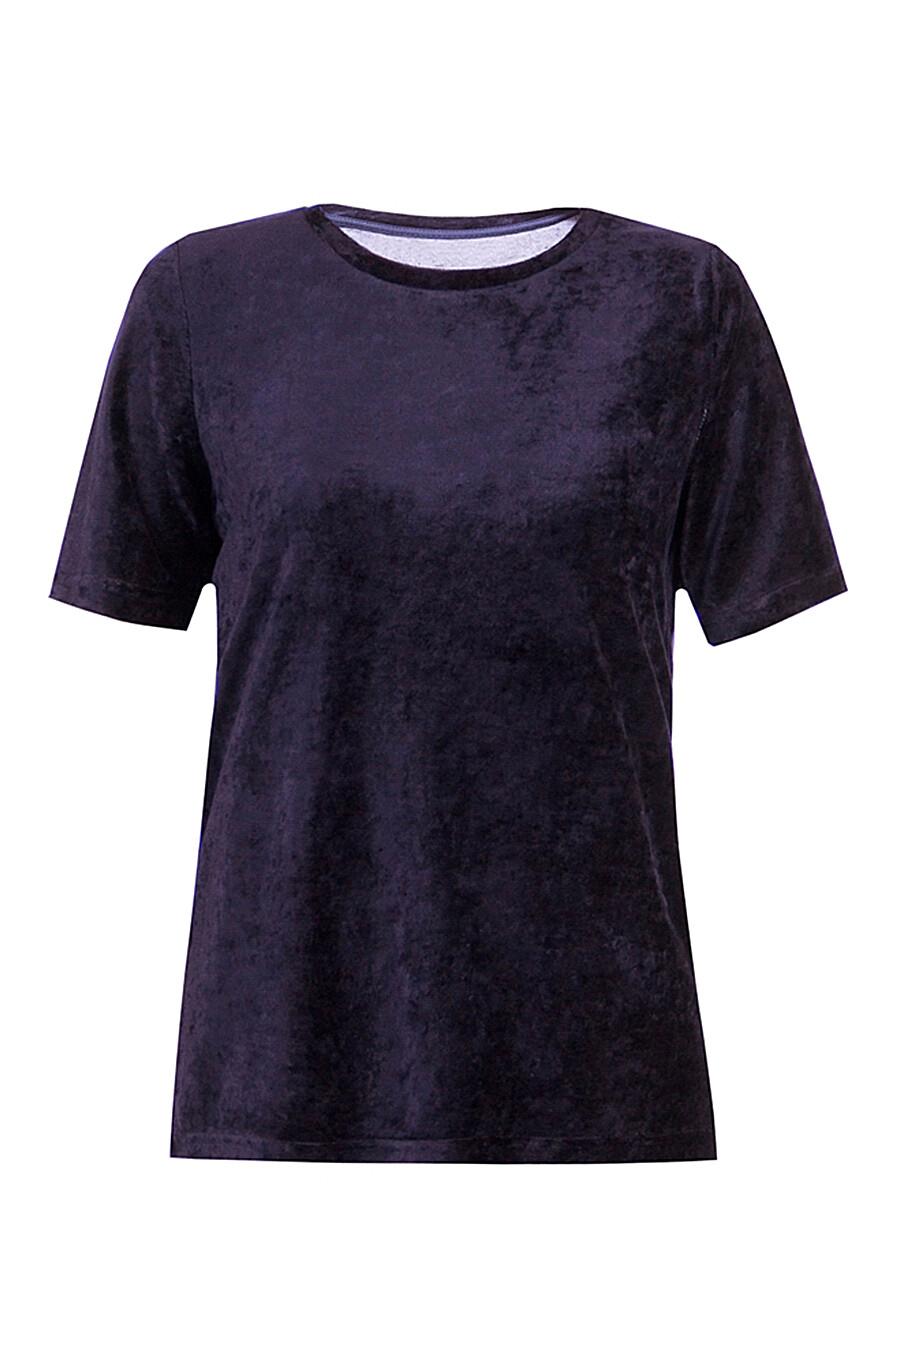 Джемпер для женщин Archi 130595 купить оптом от производителя. Совместная покупка женской одежды в OptMoyo